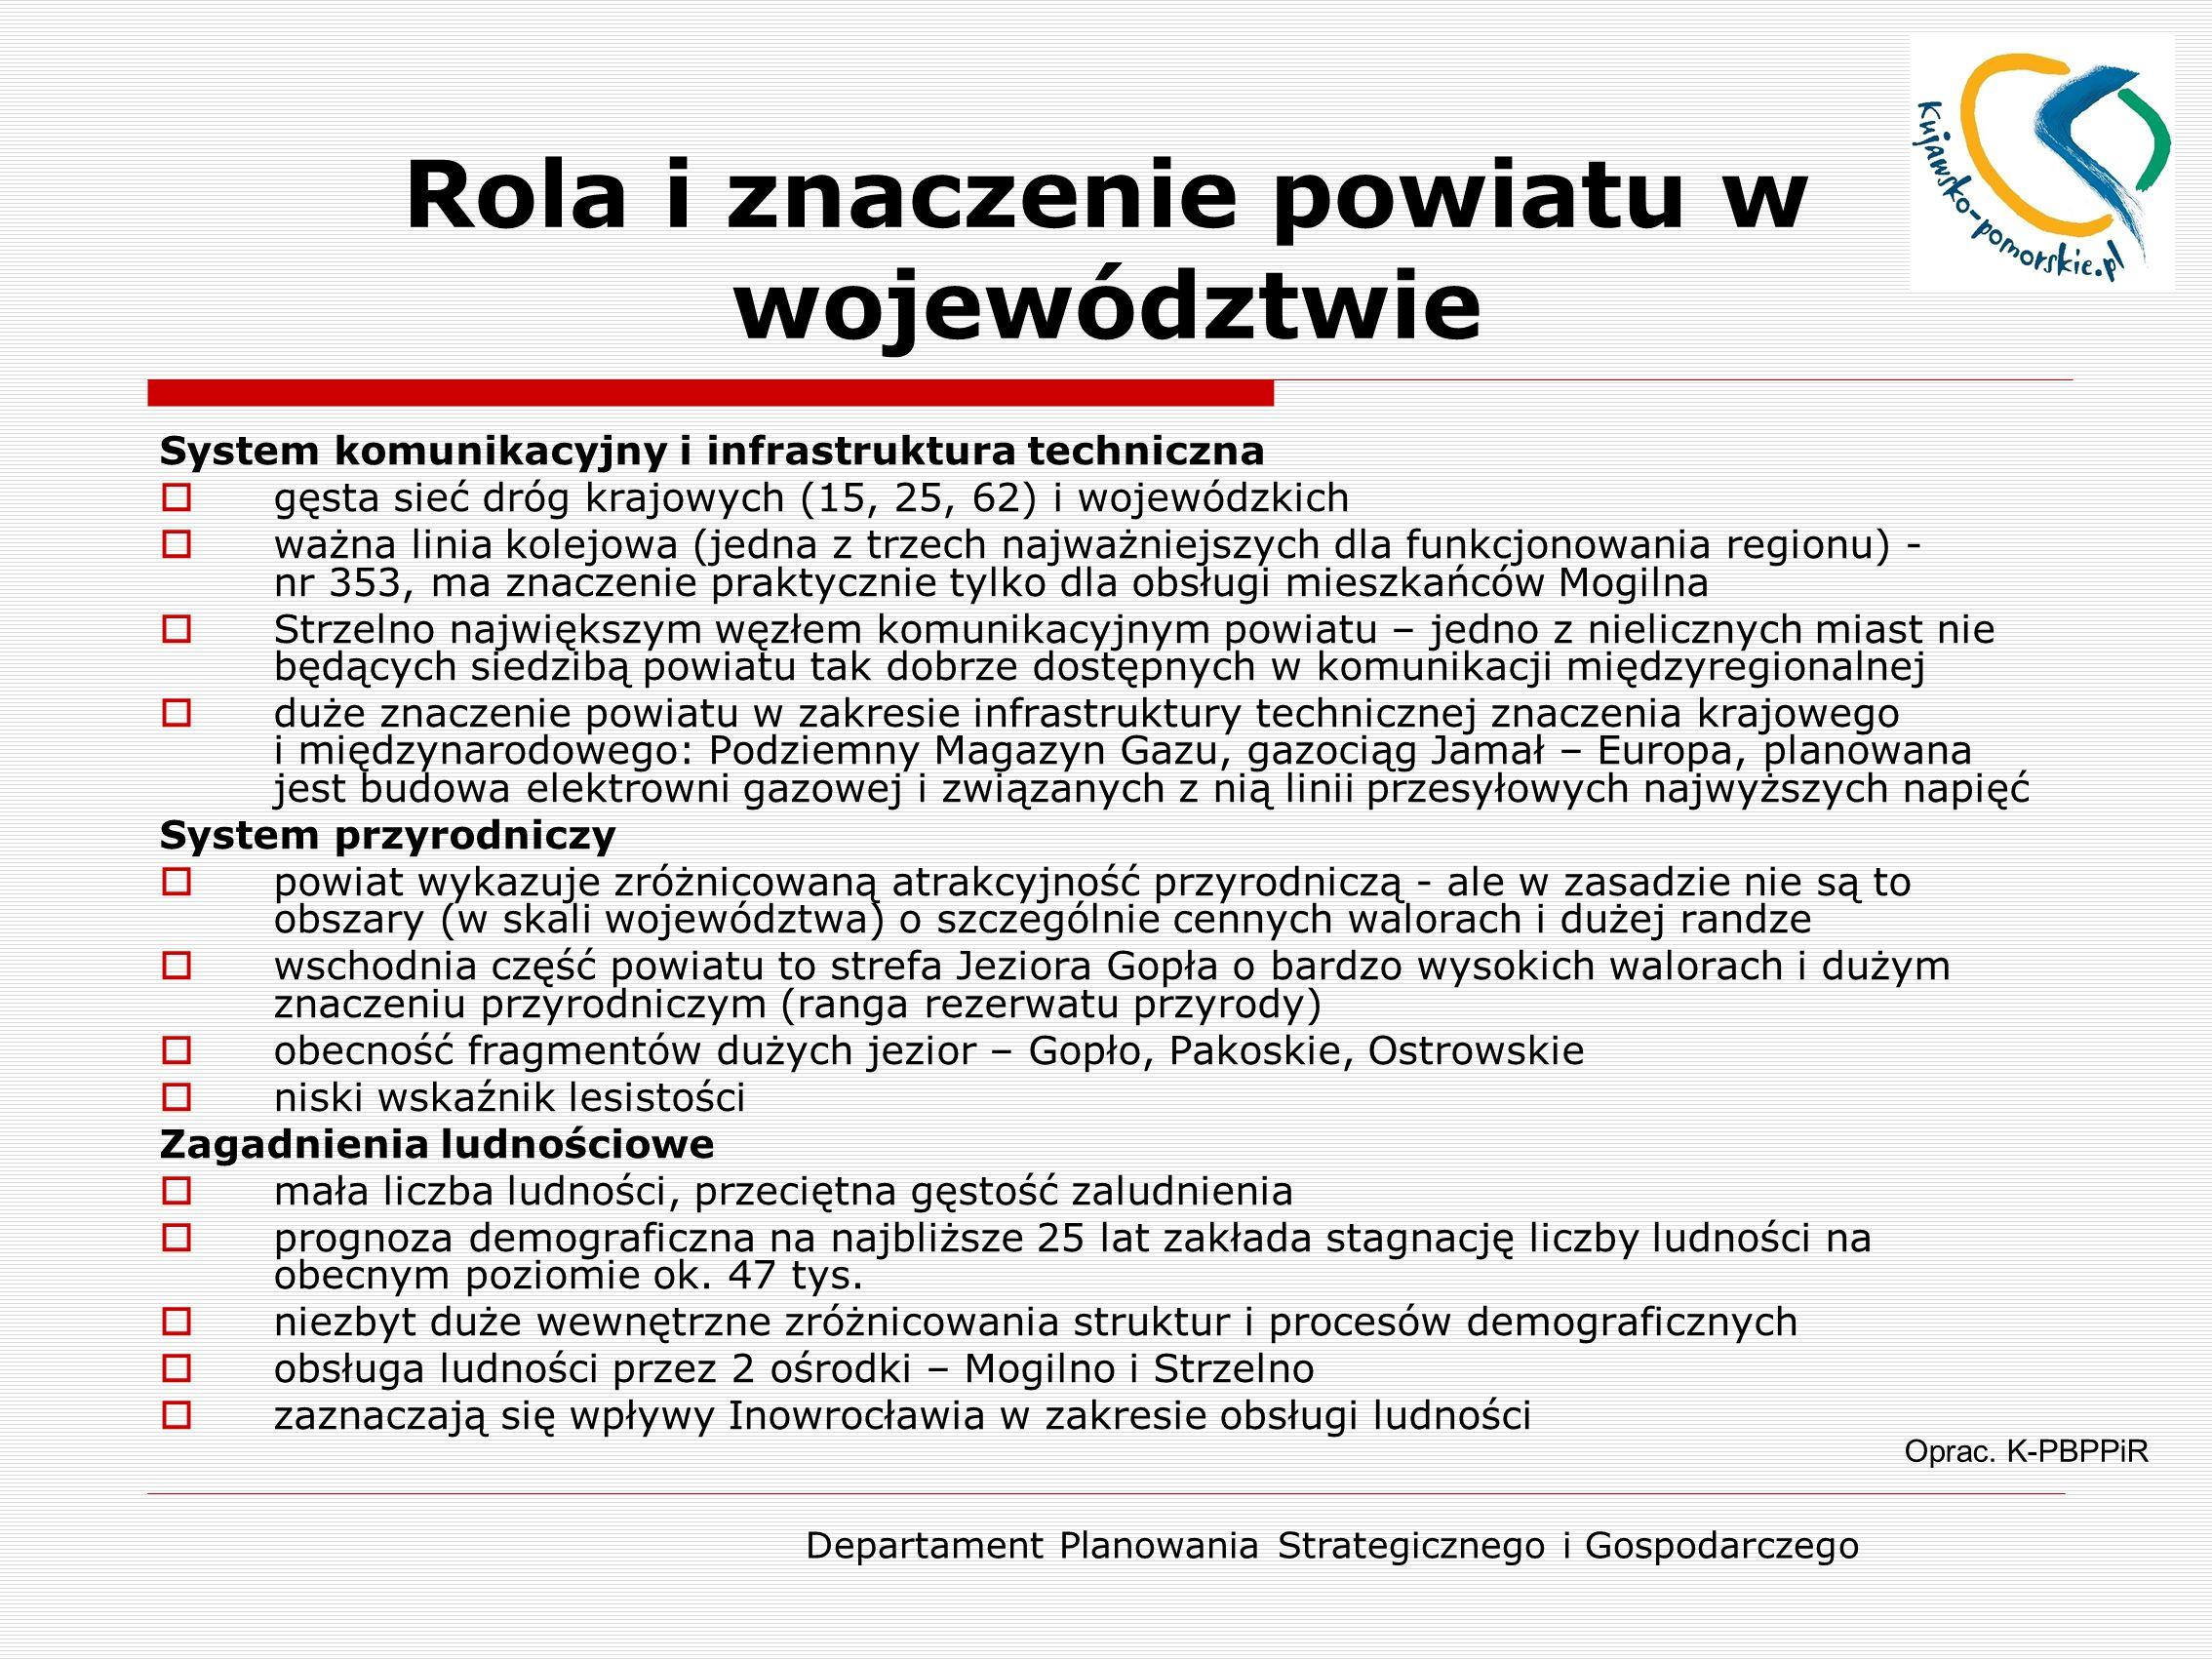 Rola i znaczenie powiatu w województwie